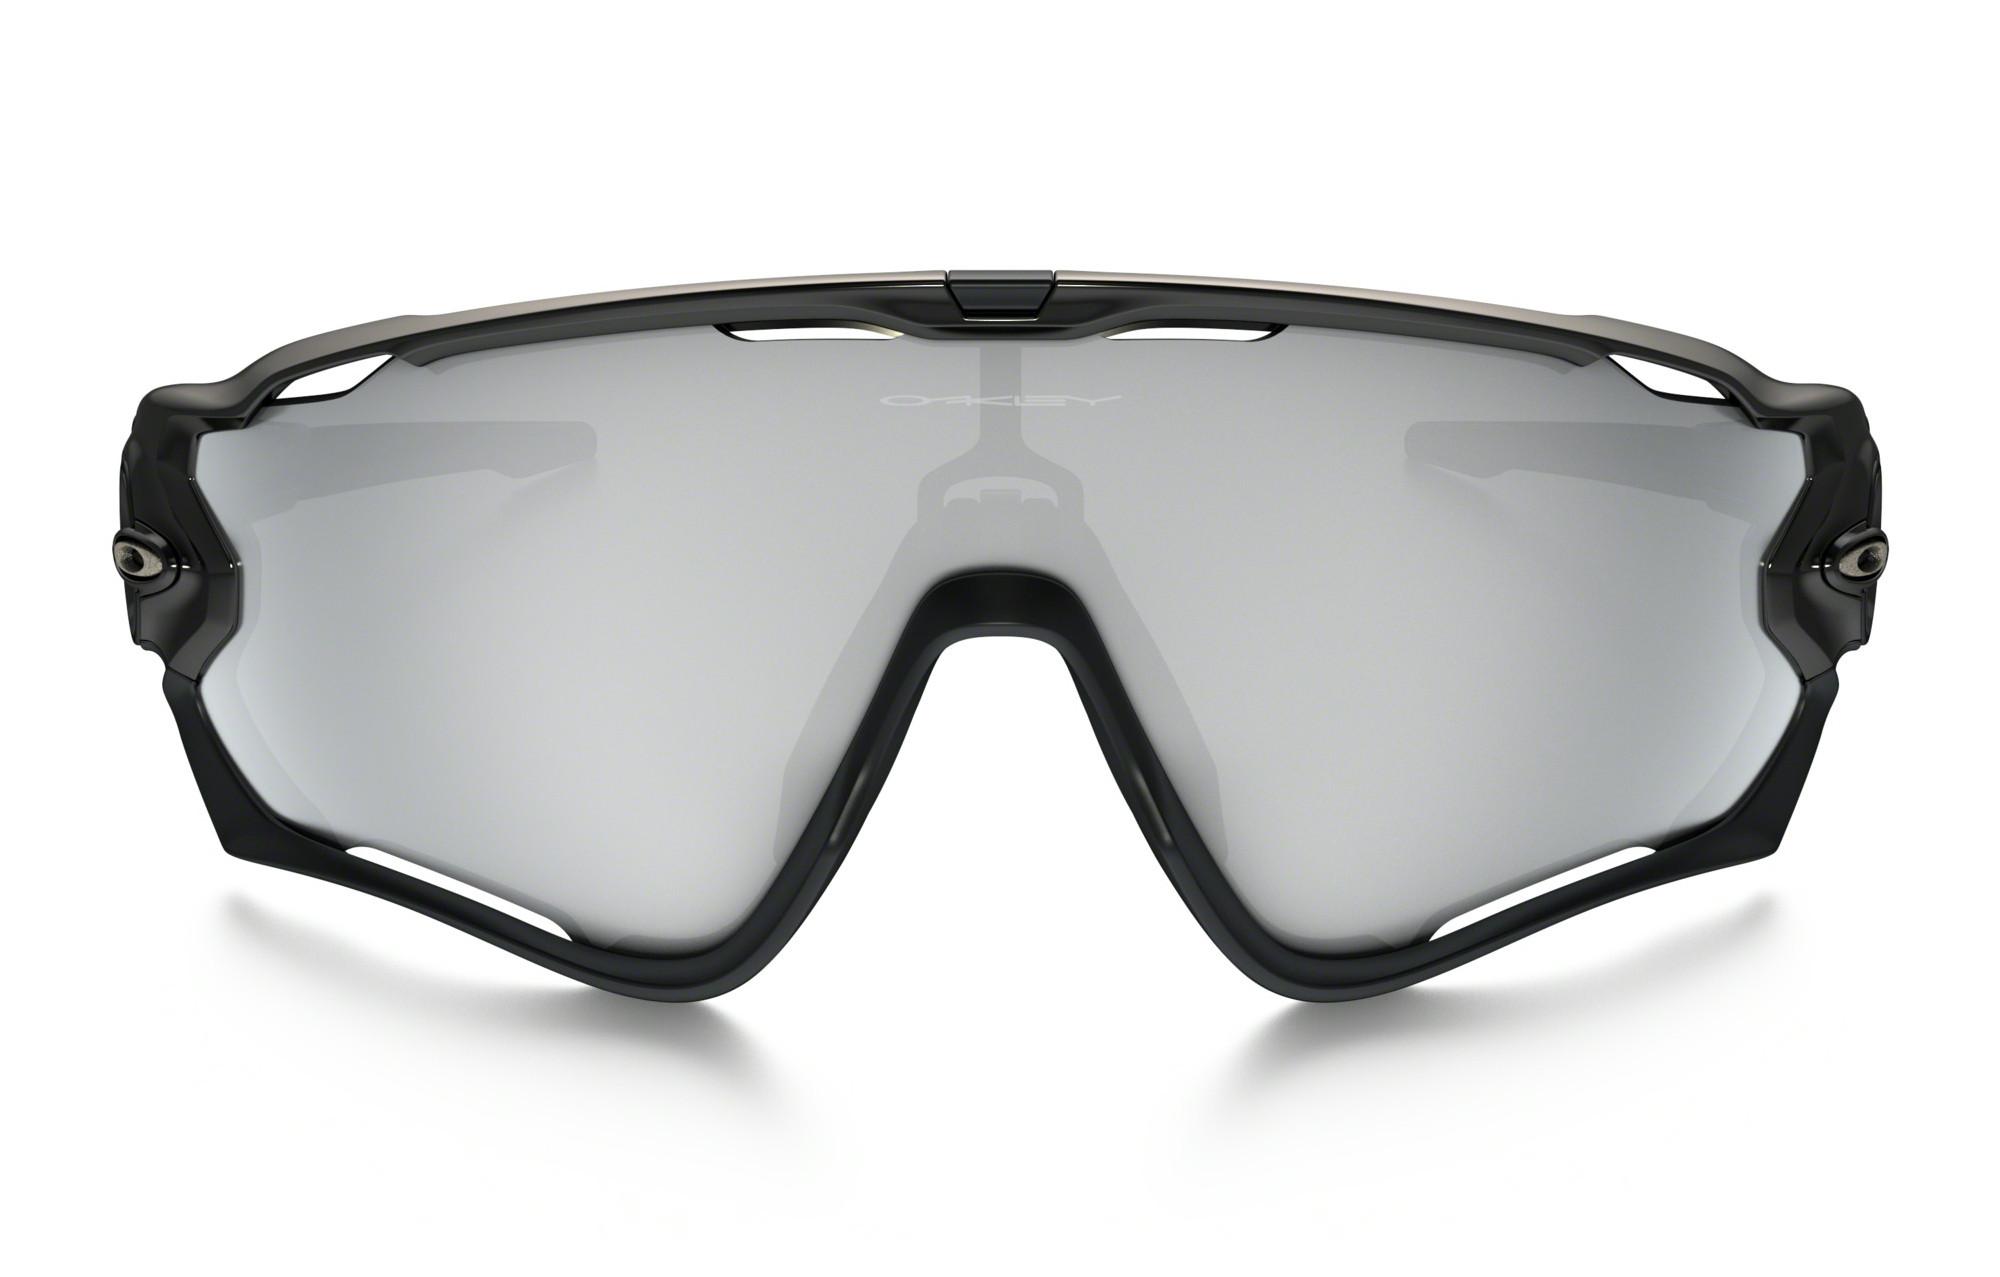 lunettes oakley jawbreaker halo collection noir chrome. Black Bedroom Furniture Sets. Home Design Ideas